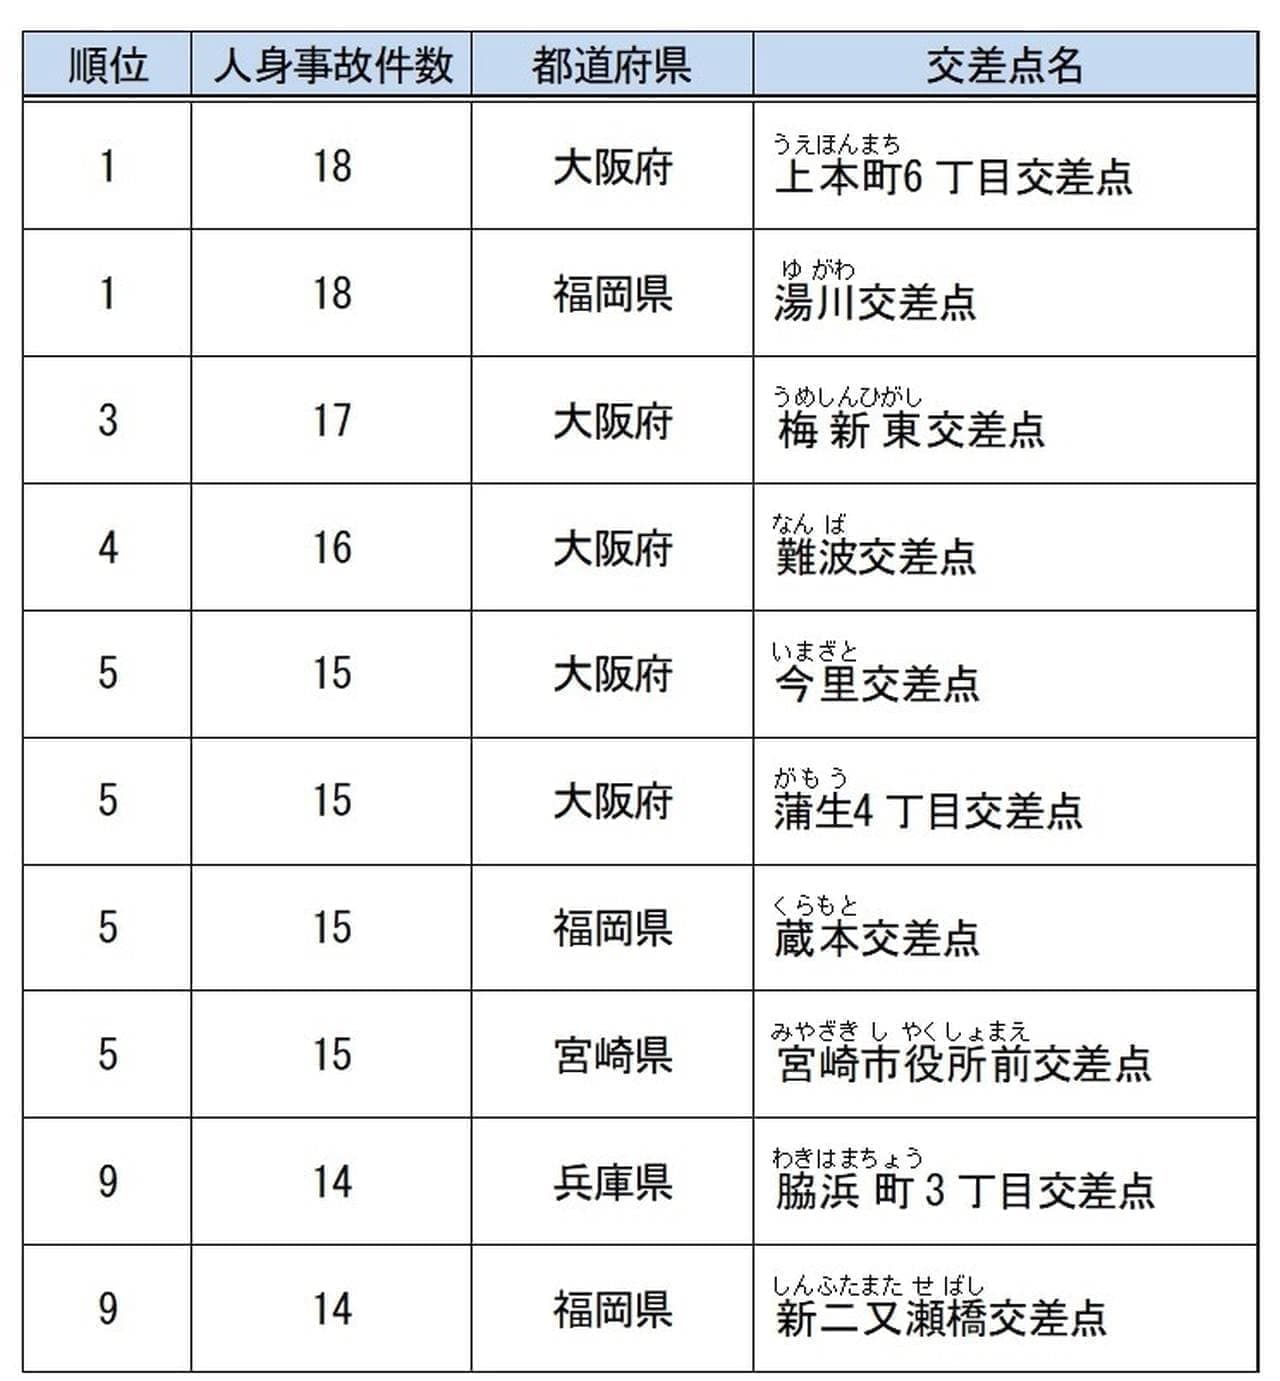 2018年「全国交通事故多発交差点マップ」が日本損害保険協会から発表